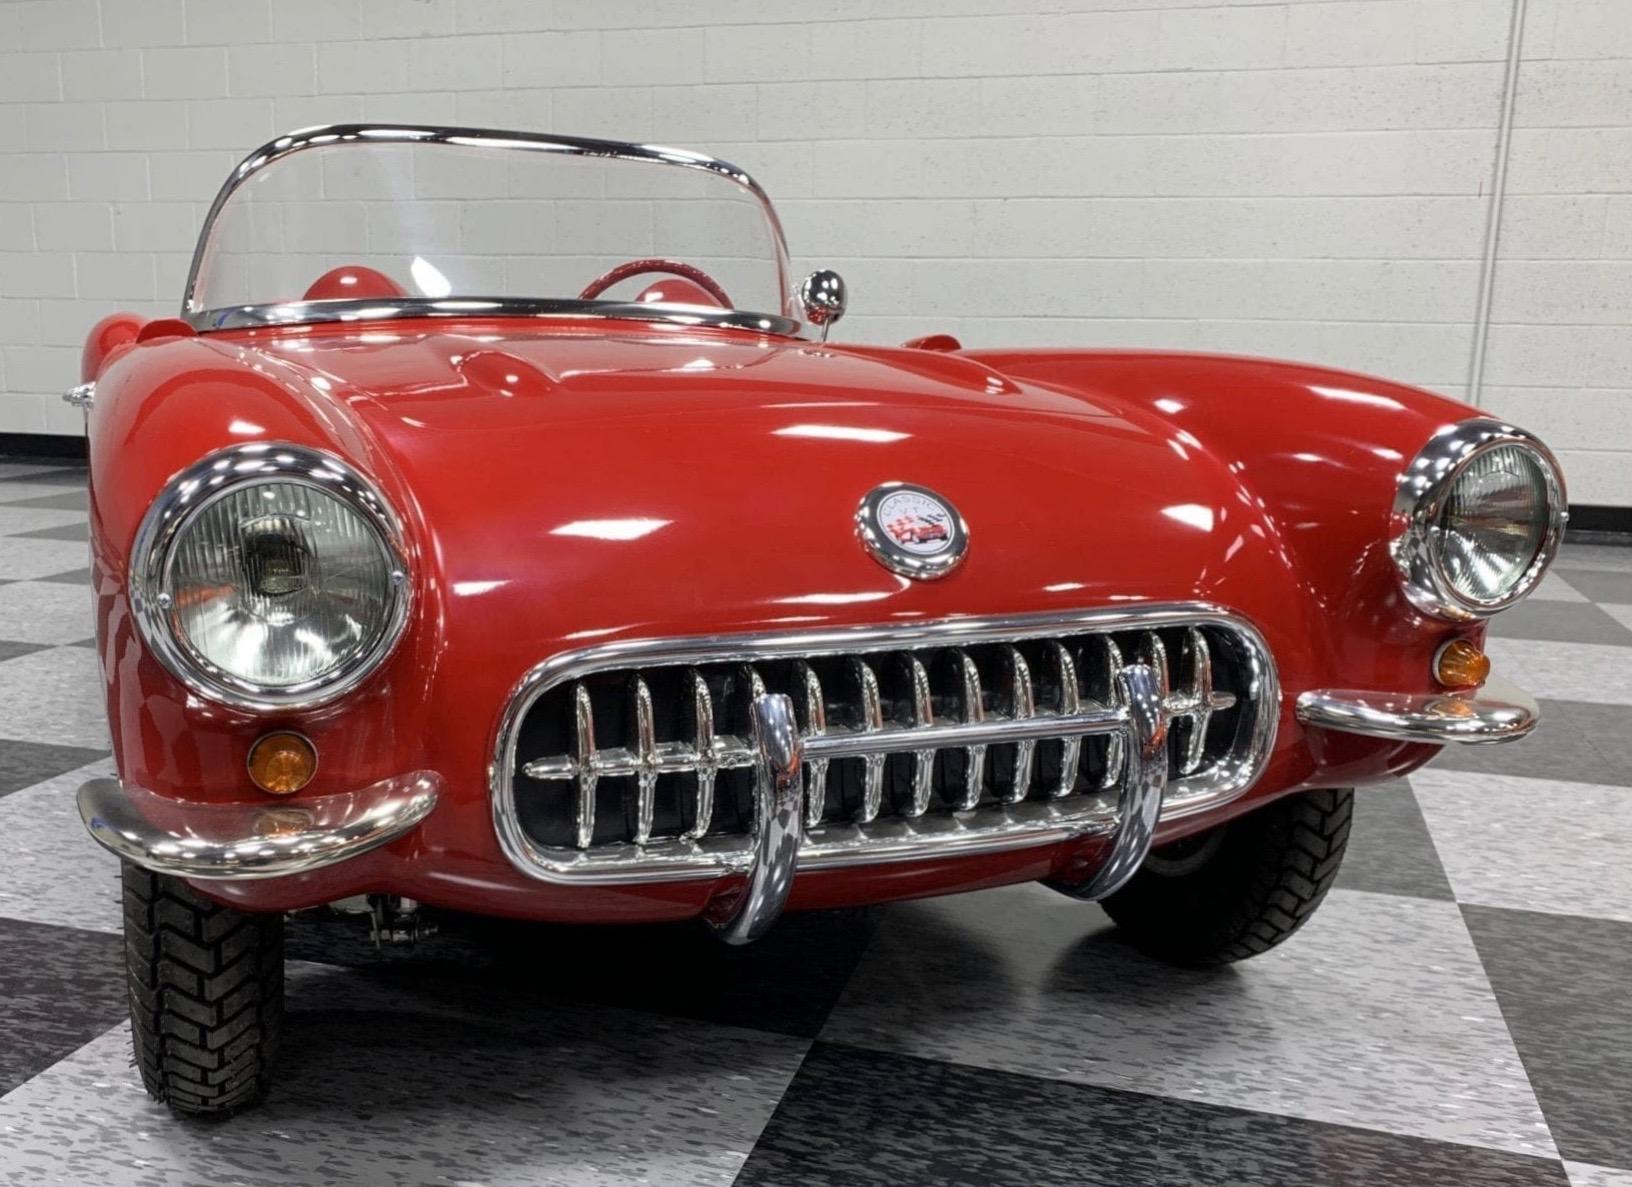 Corvette rouge face